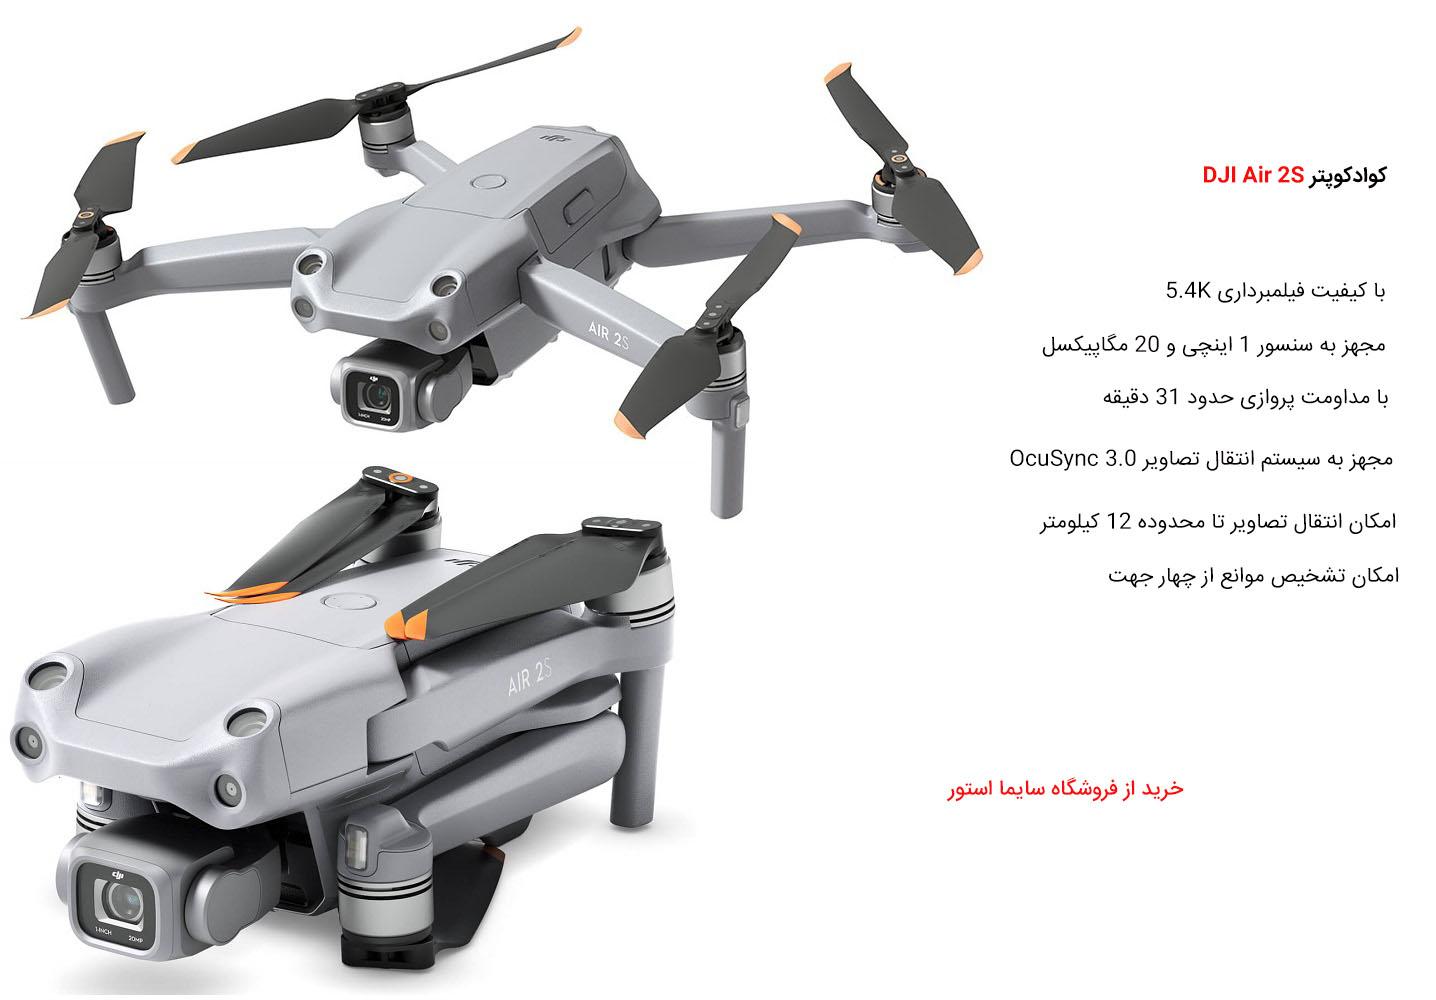 قیمت و مشخصات مویک ایر 2 اس - خرید کوادکوپتر DJI Air 2S از سایما استور